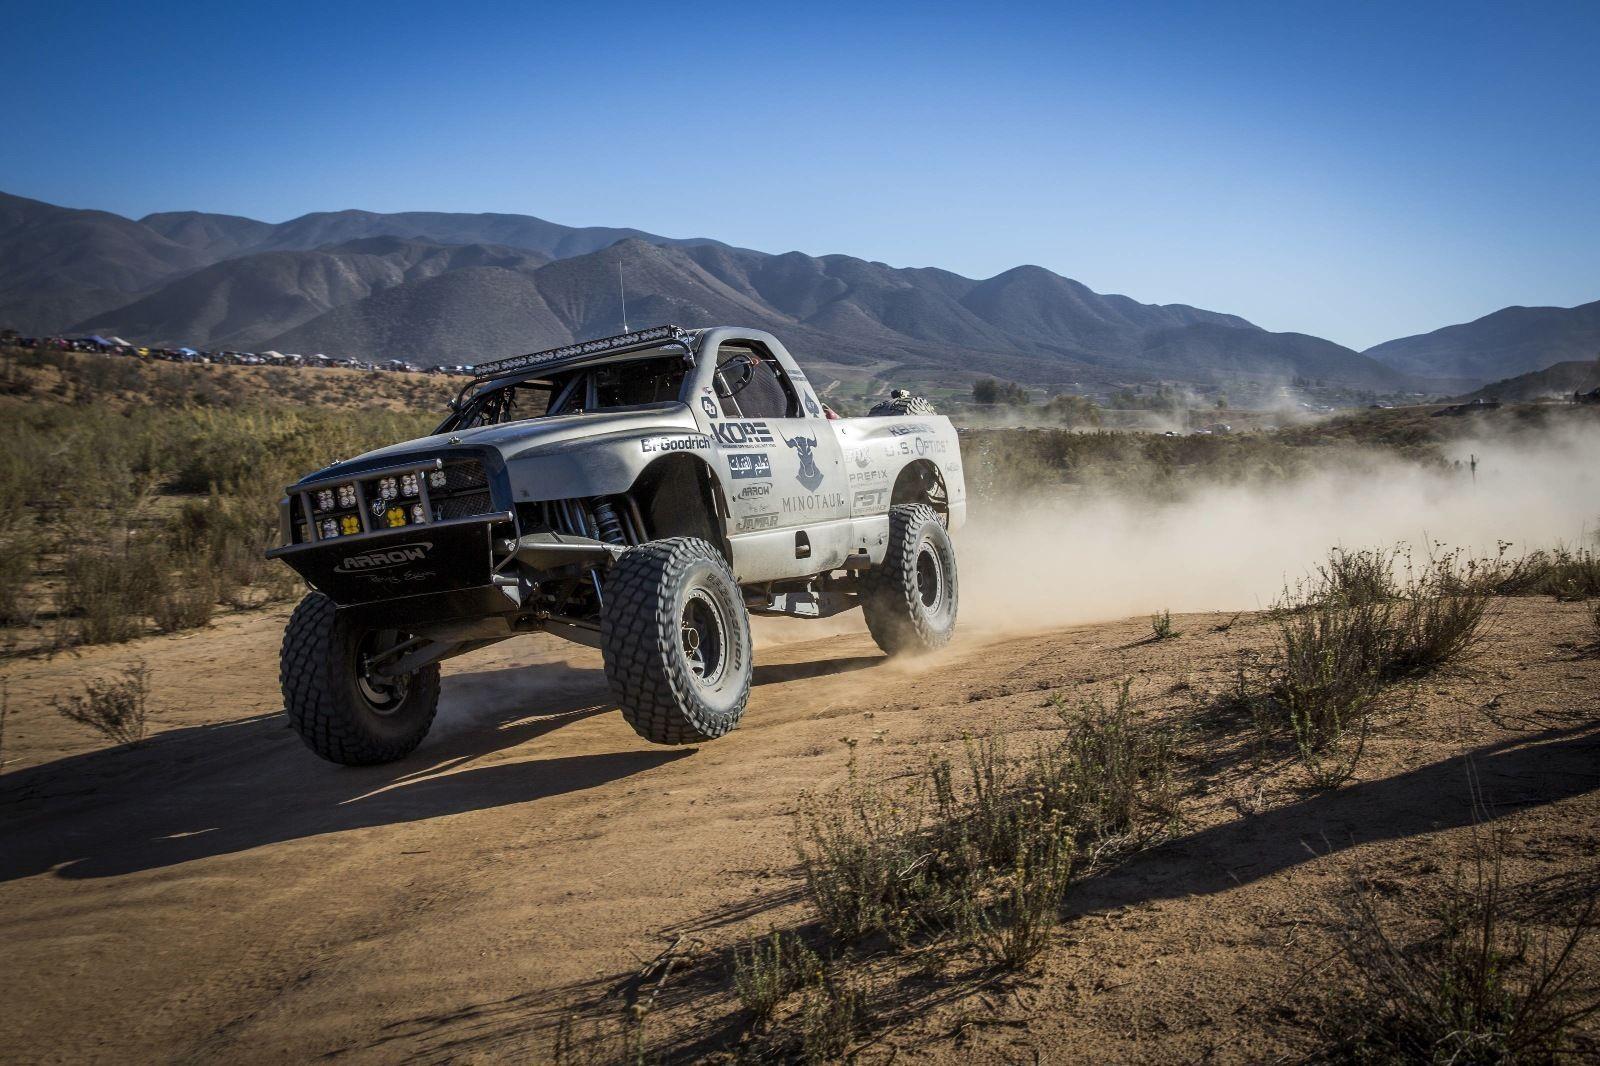 Dodge minotaur truck